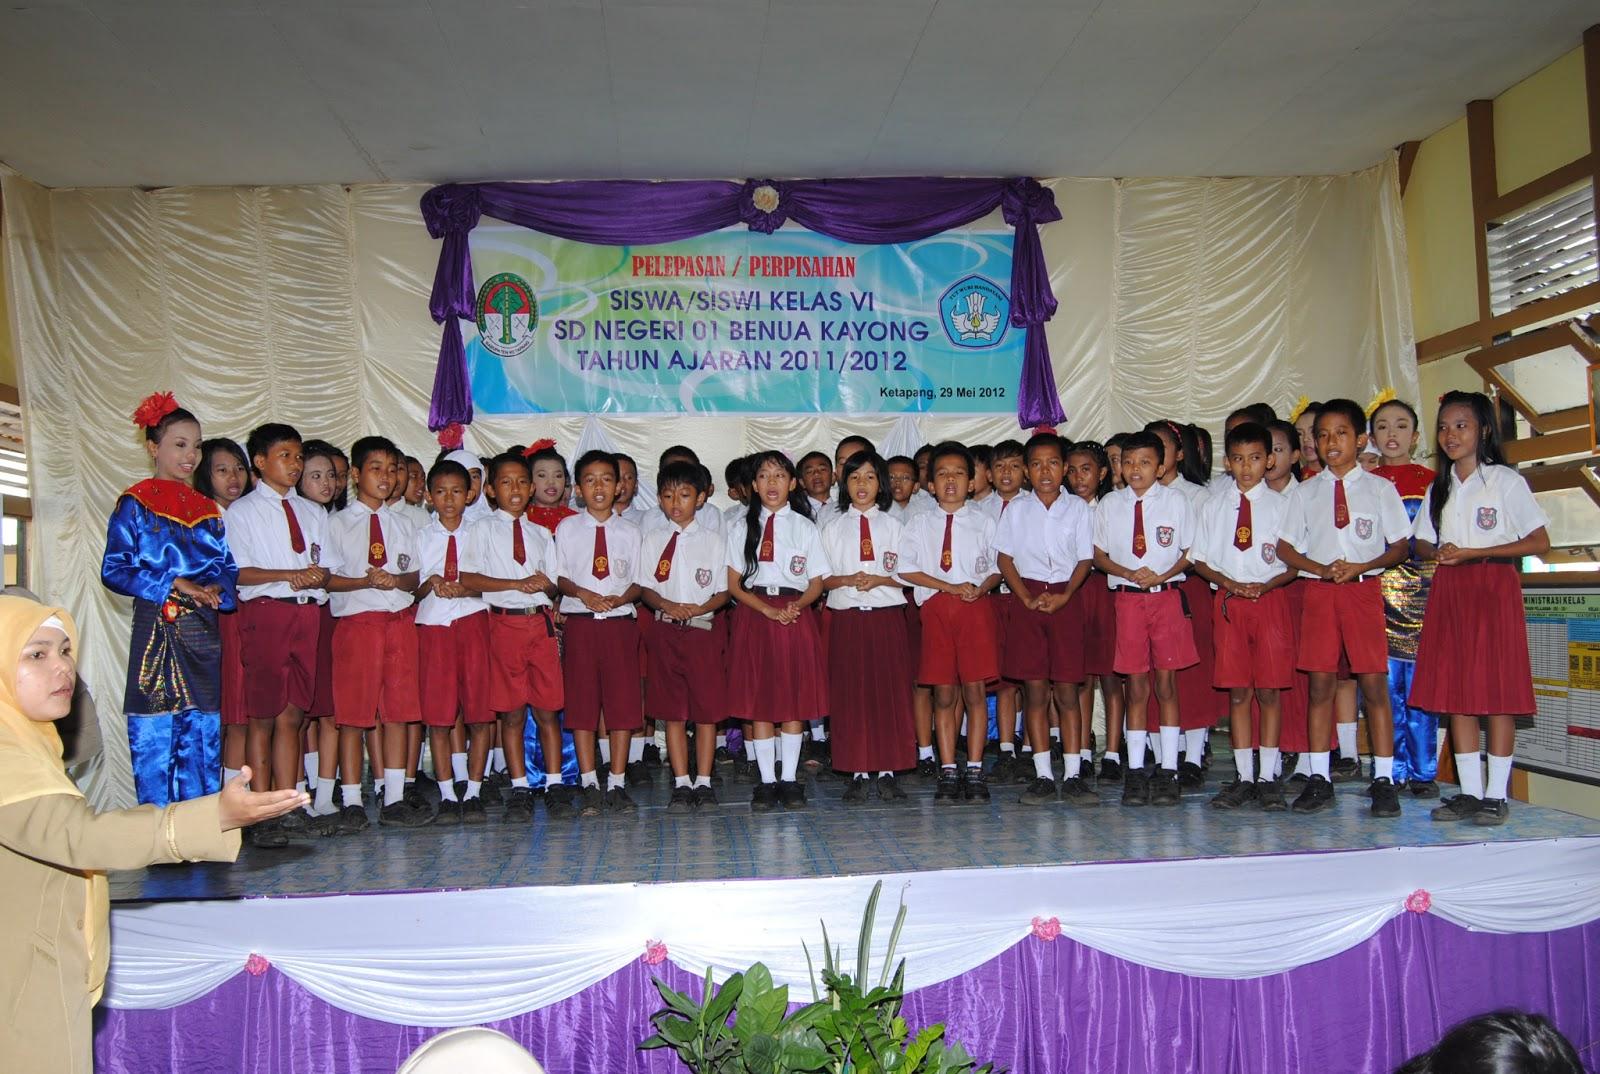 Pidato Perpisahan Sd Kelas 6 Singkat Terbaik Operator Sekolah